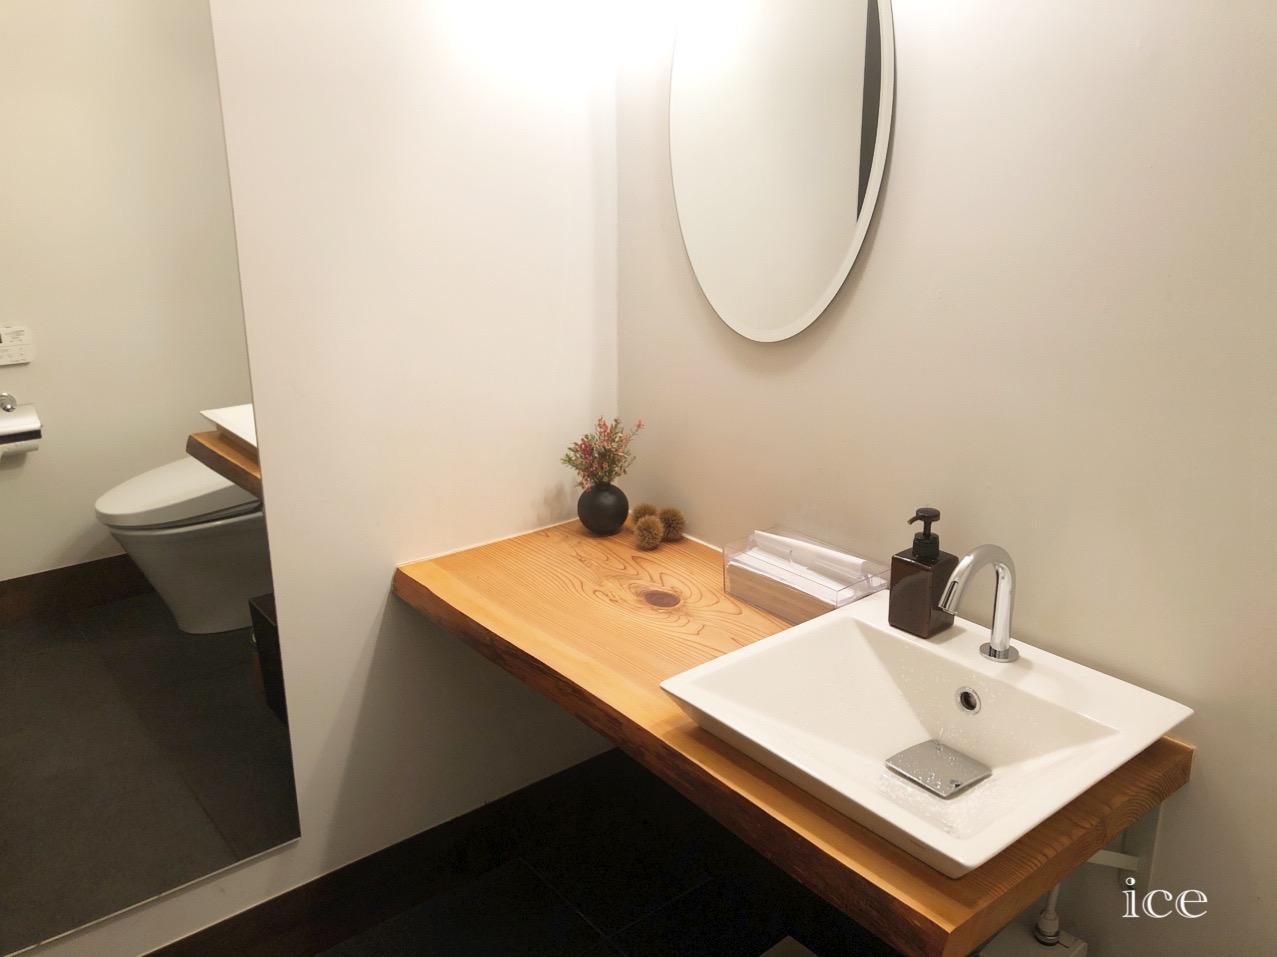 ルピニョン トイレ